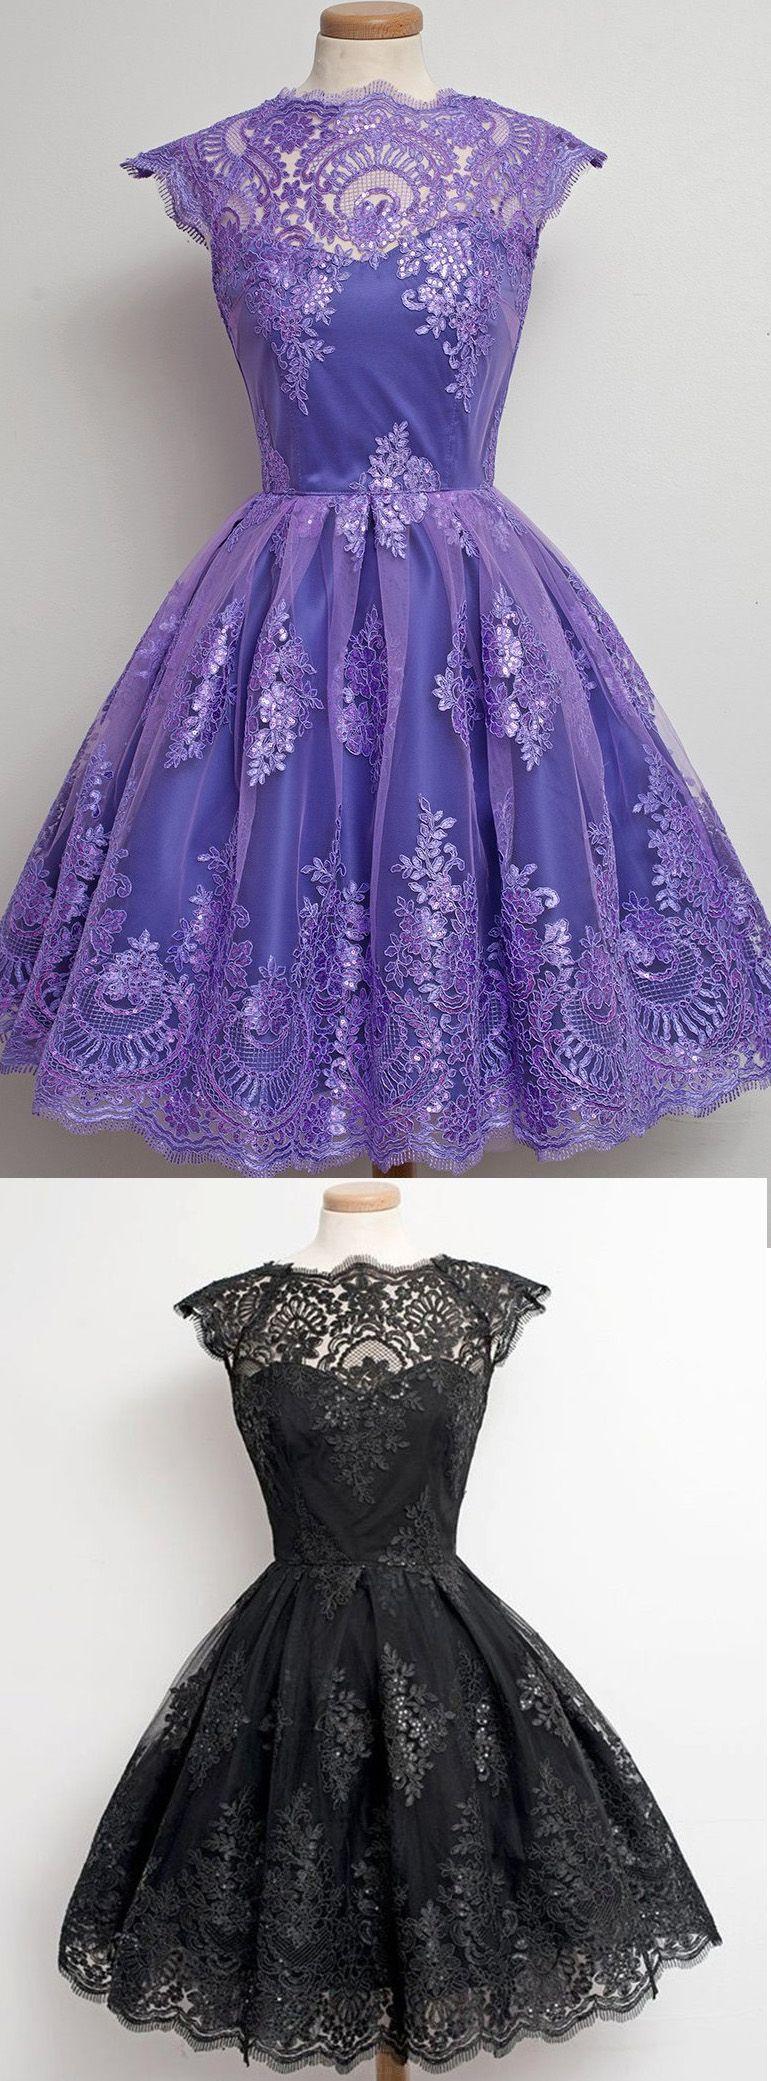 Short prom dresses cute prom dresses prom dresses short lavender